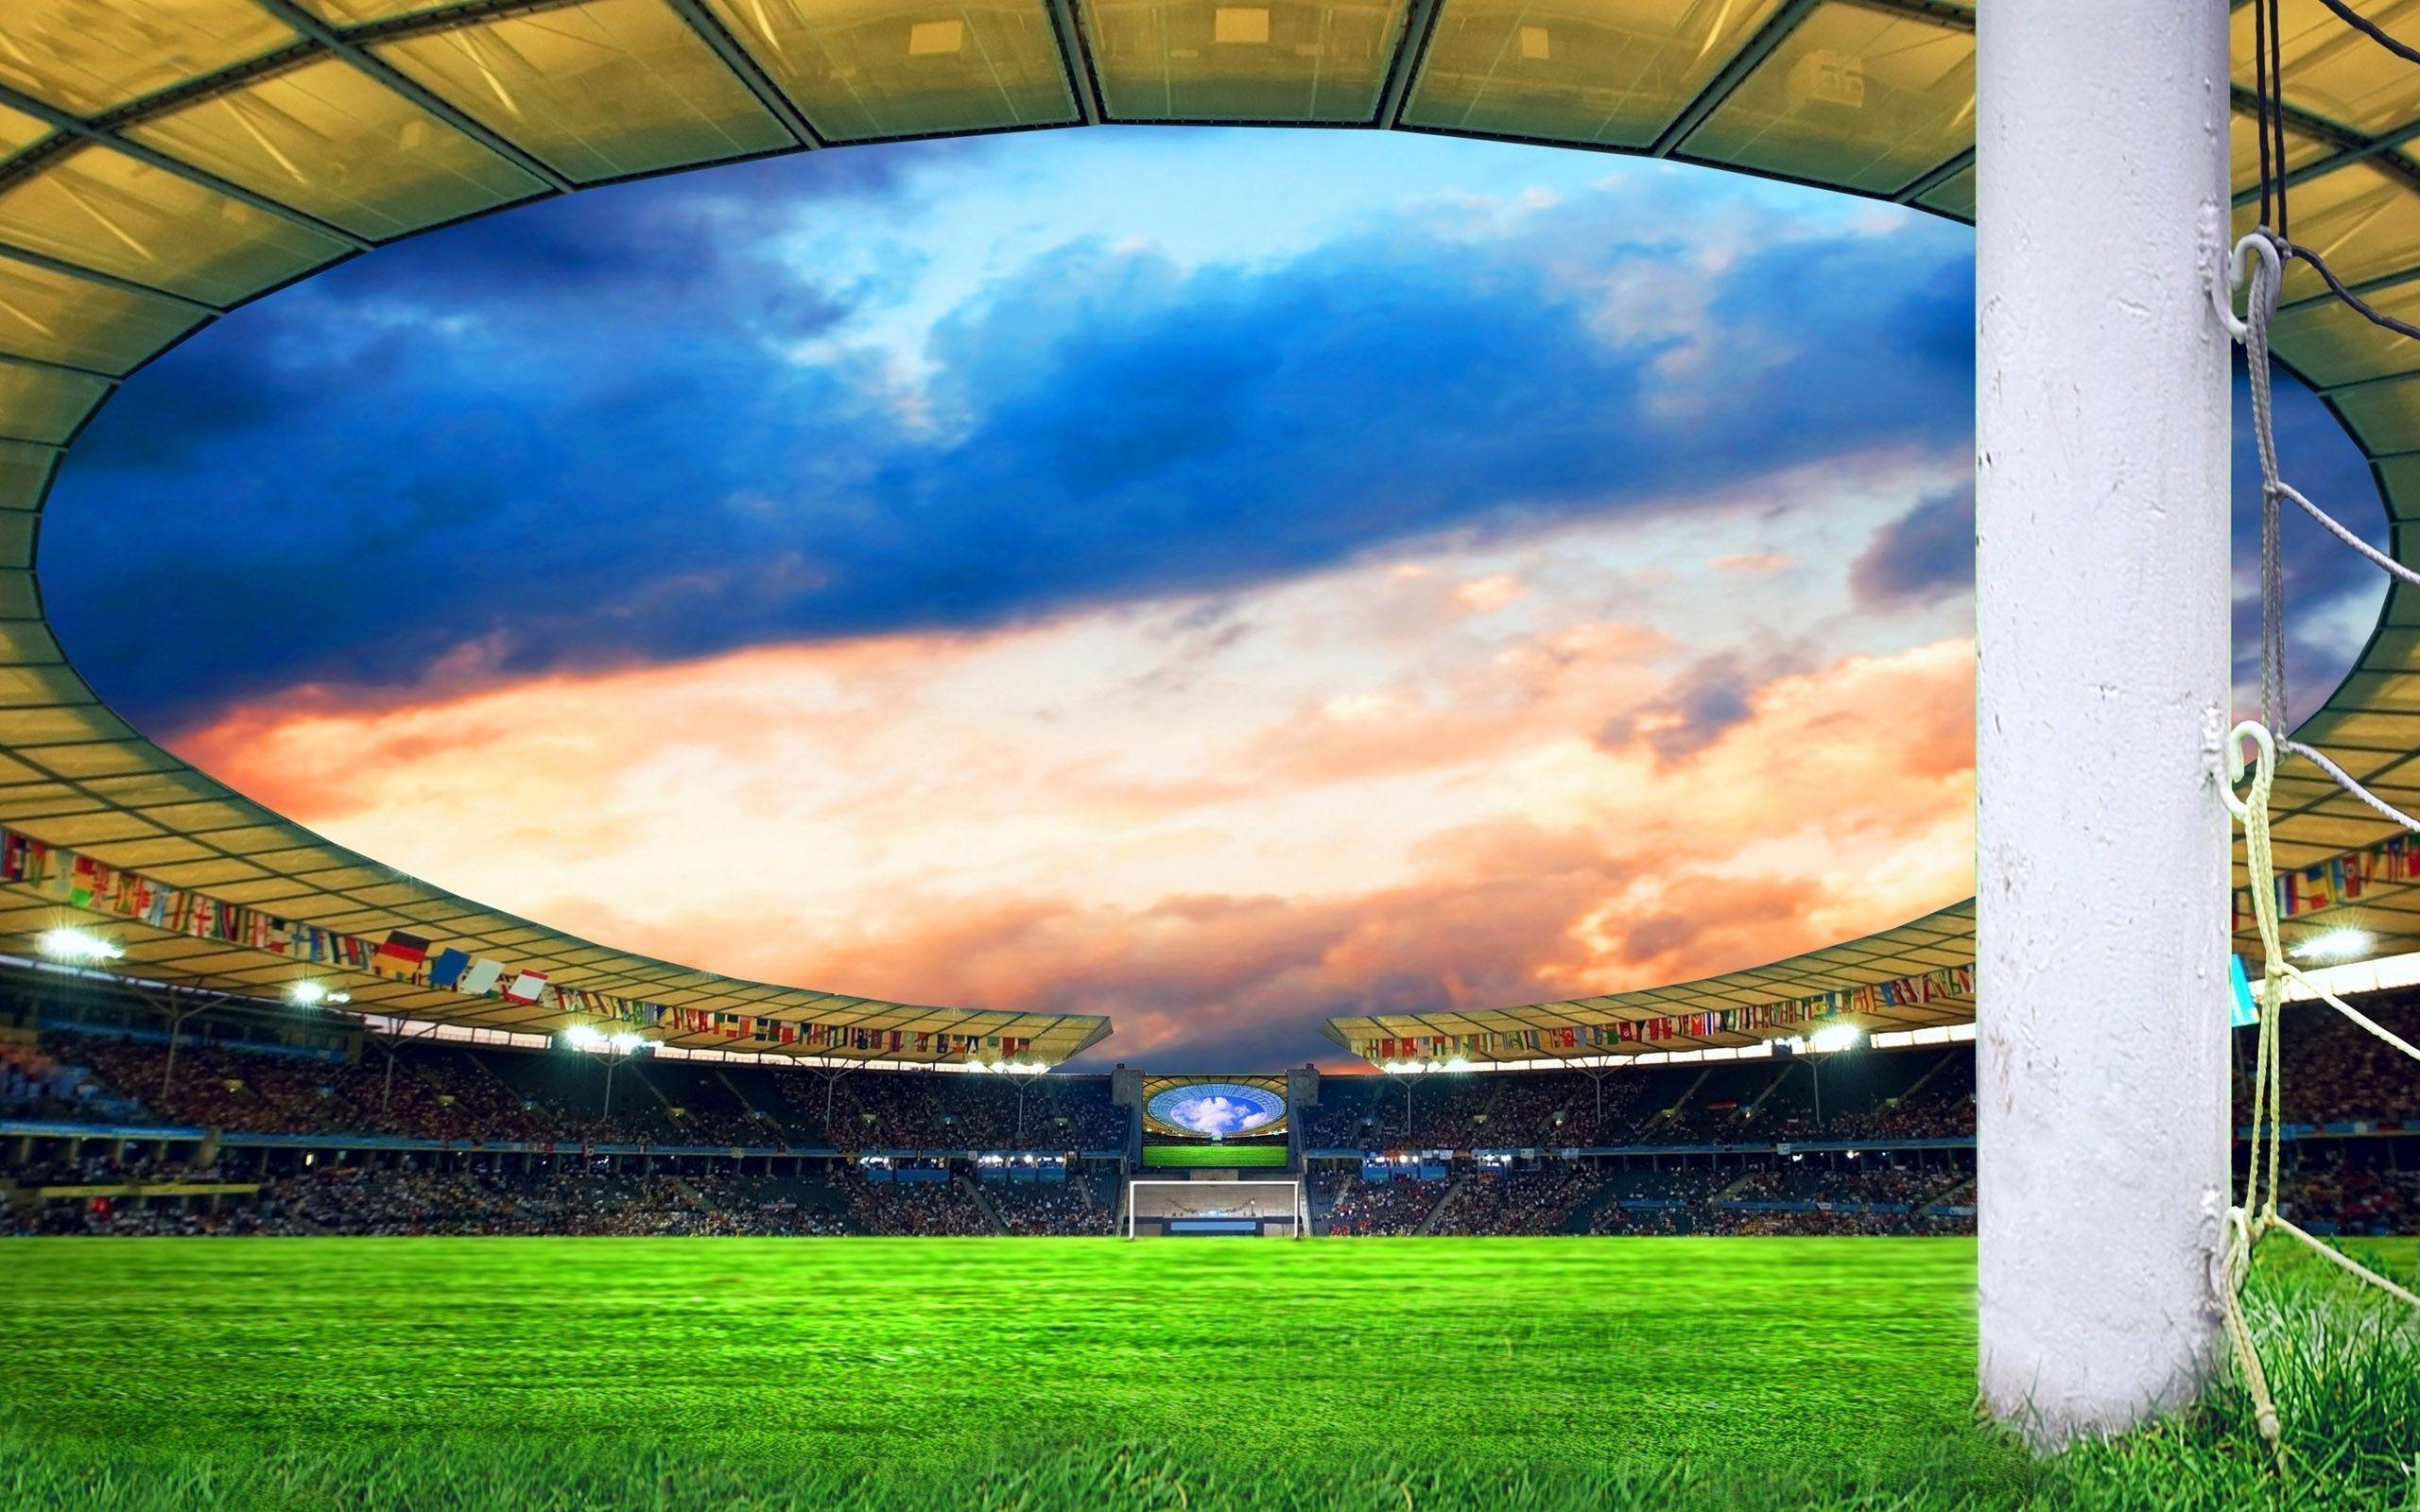 Res: 2560x1600, New Football Stadium HD Wallpaper 16 - 2560 X 1600